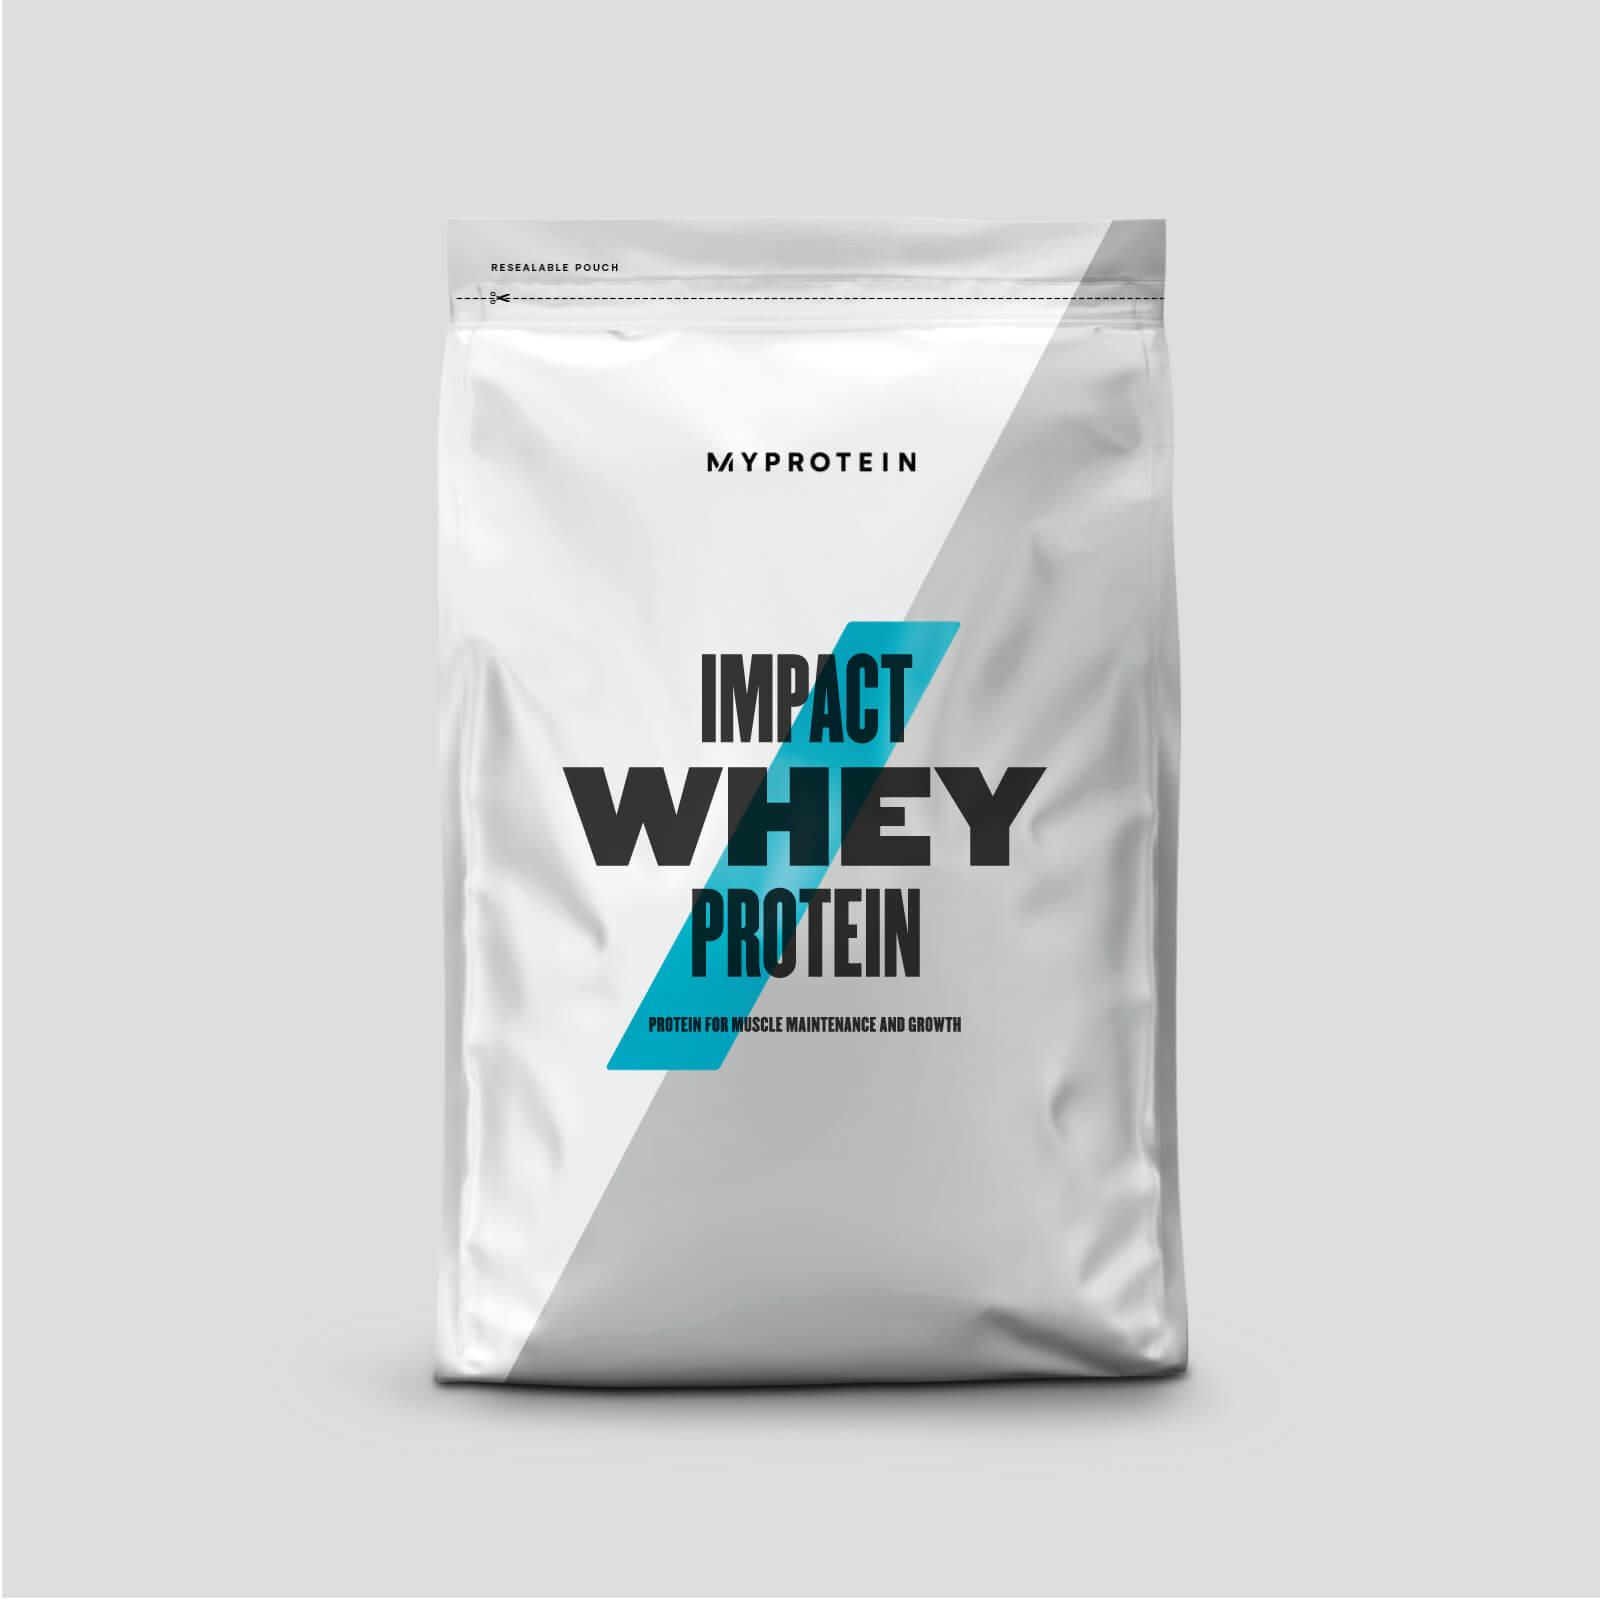 Myprotein Impact Whey Protein - 1kg - Chocolat-Orange